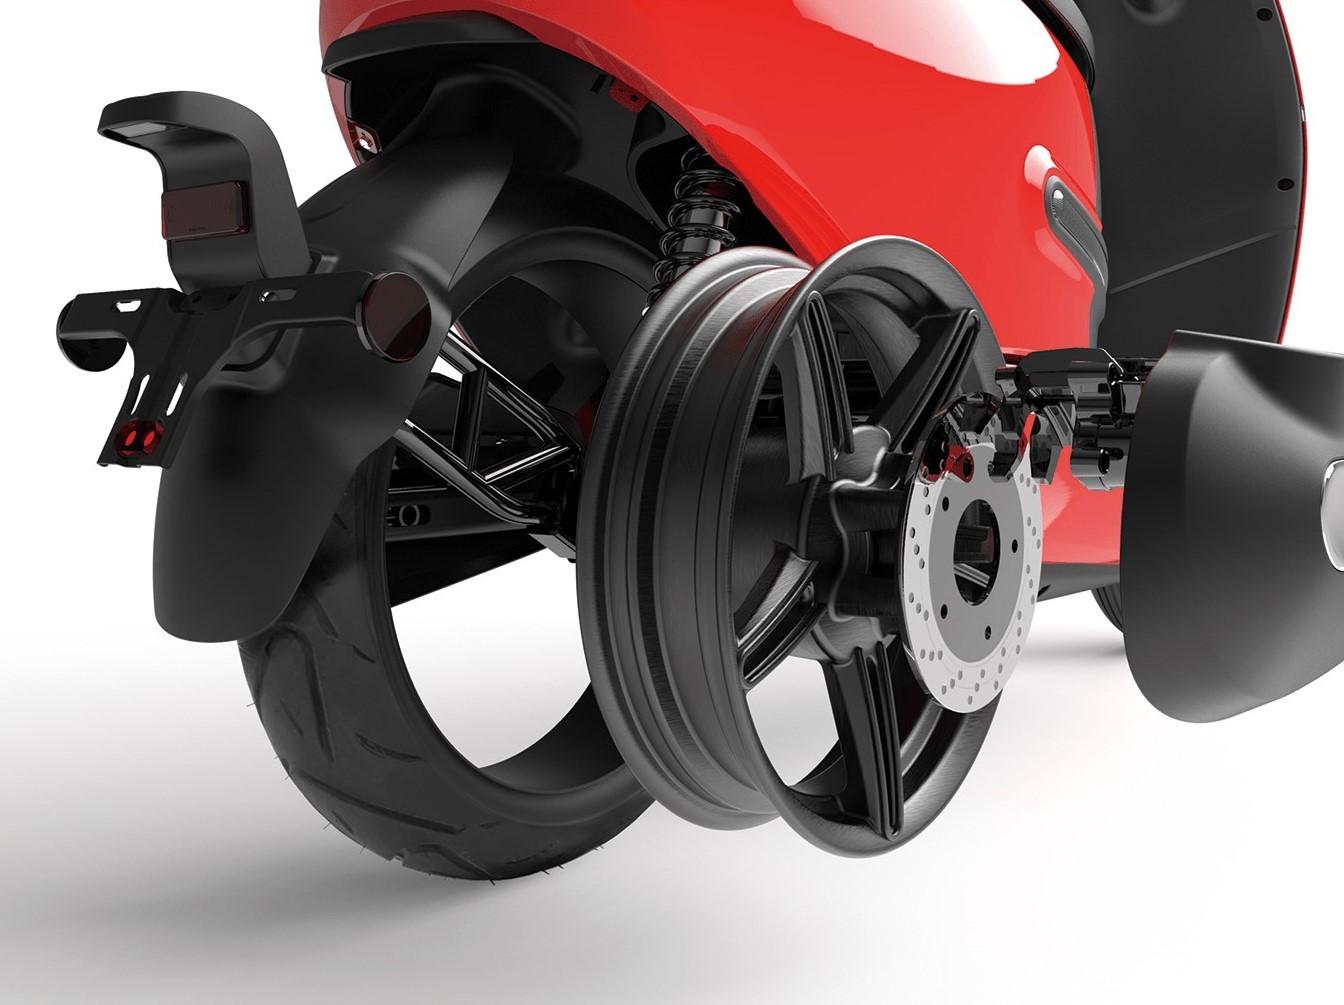 S10-Rad-zerlegt-beschni